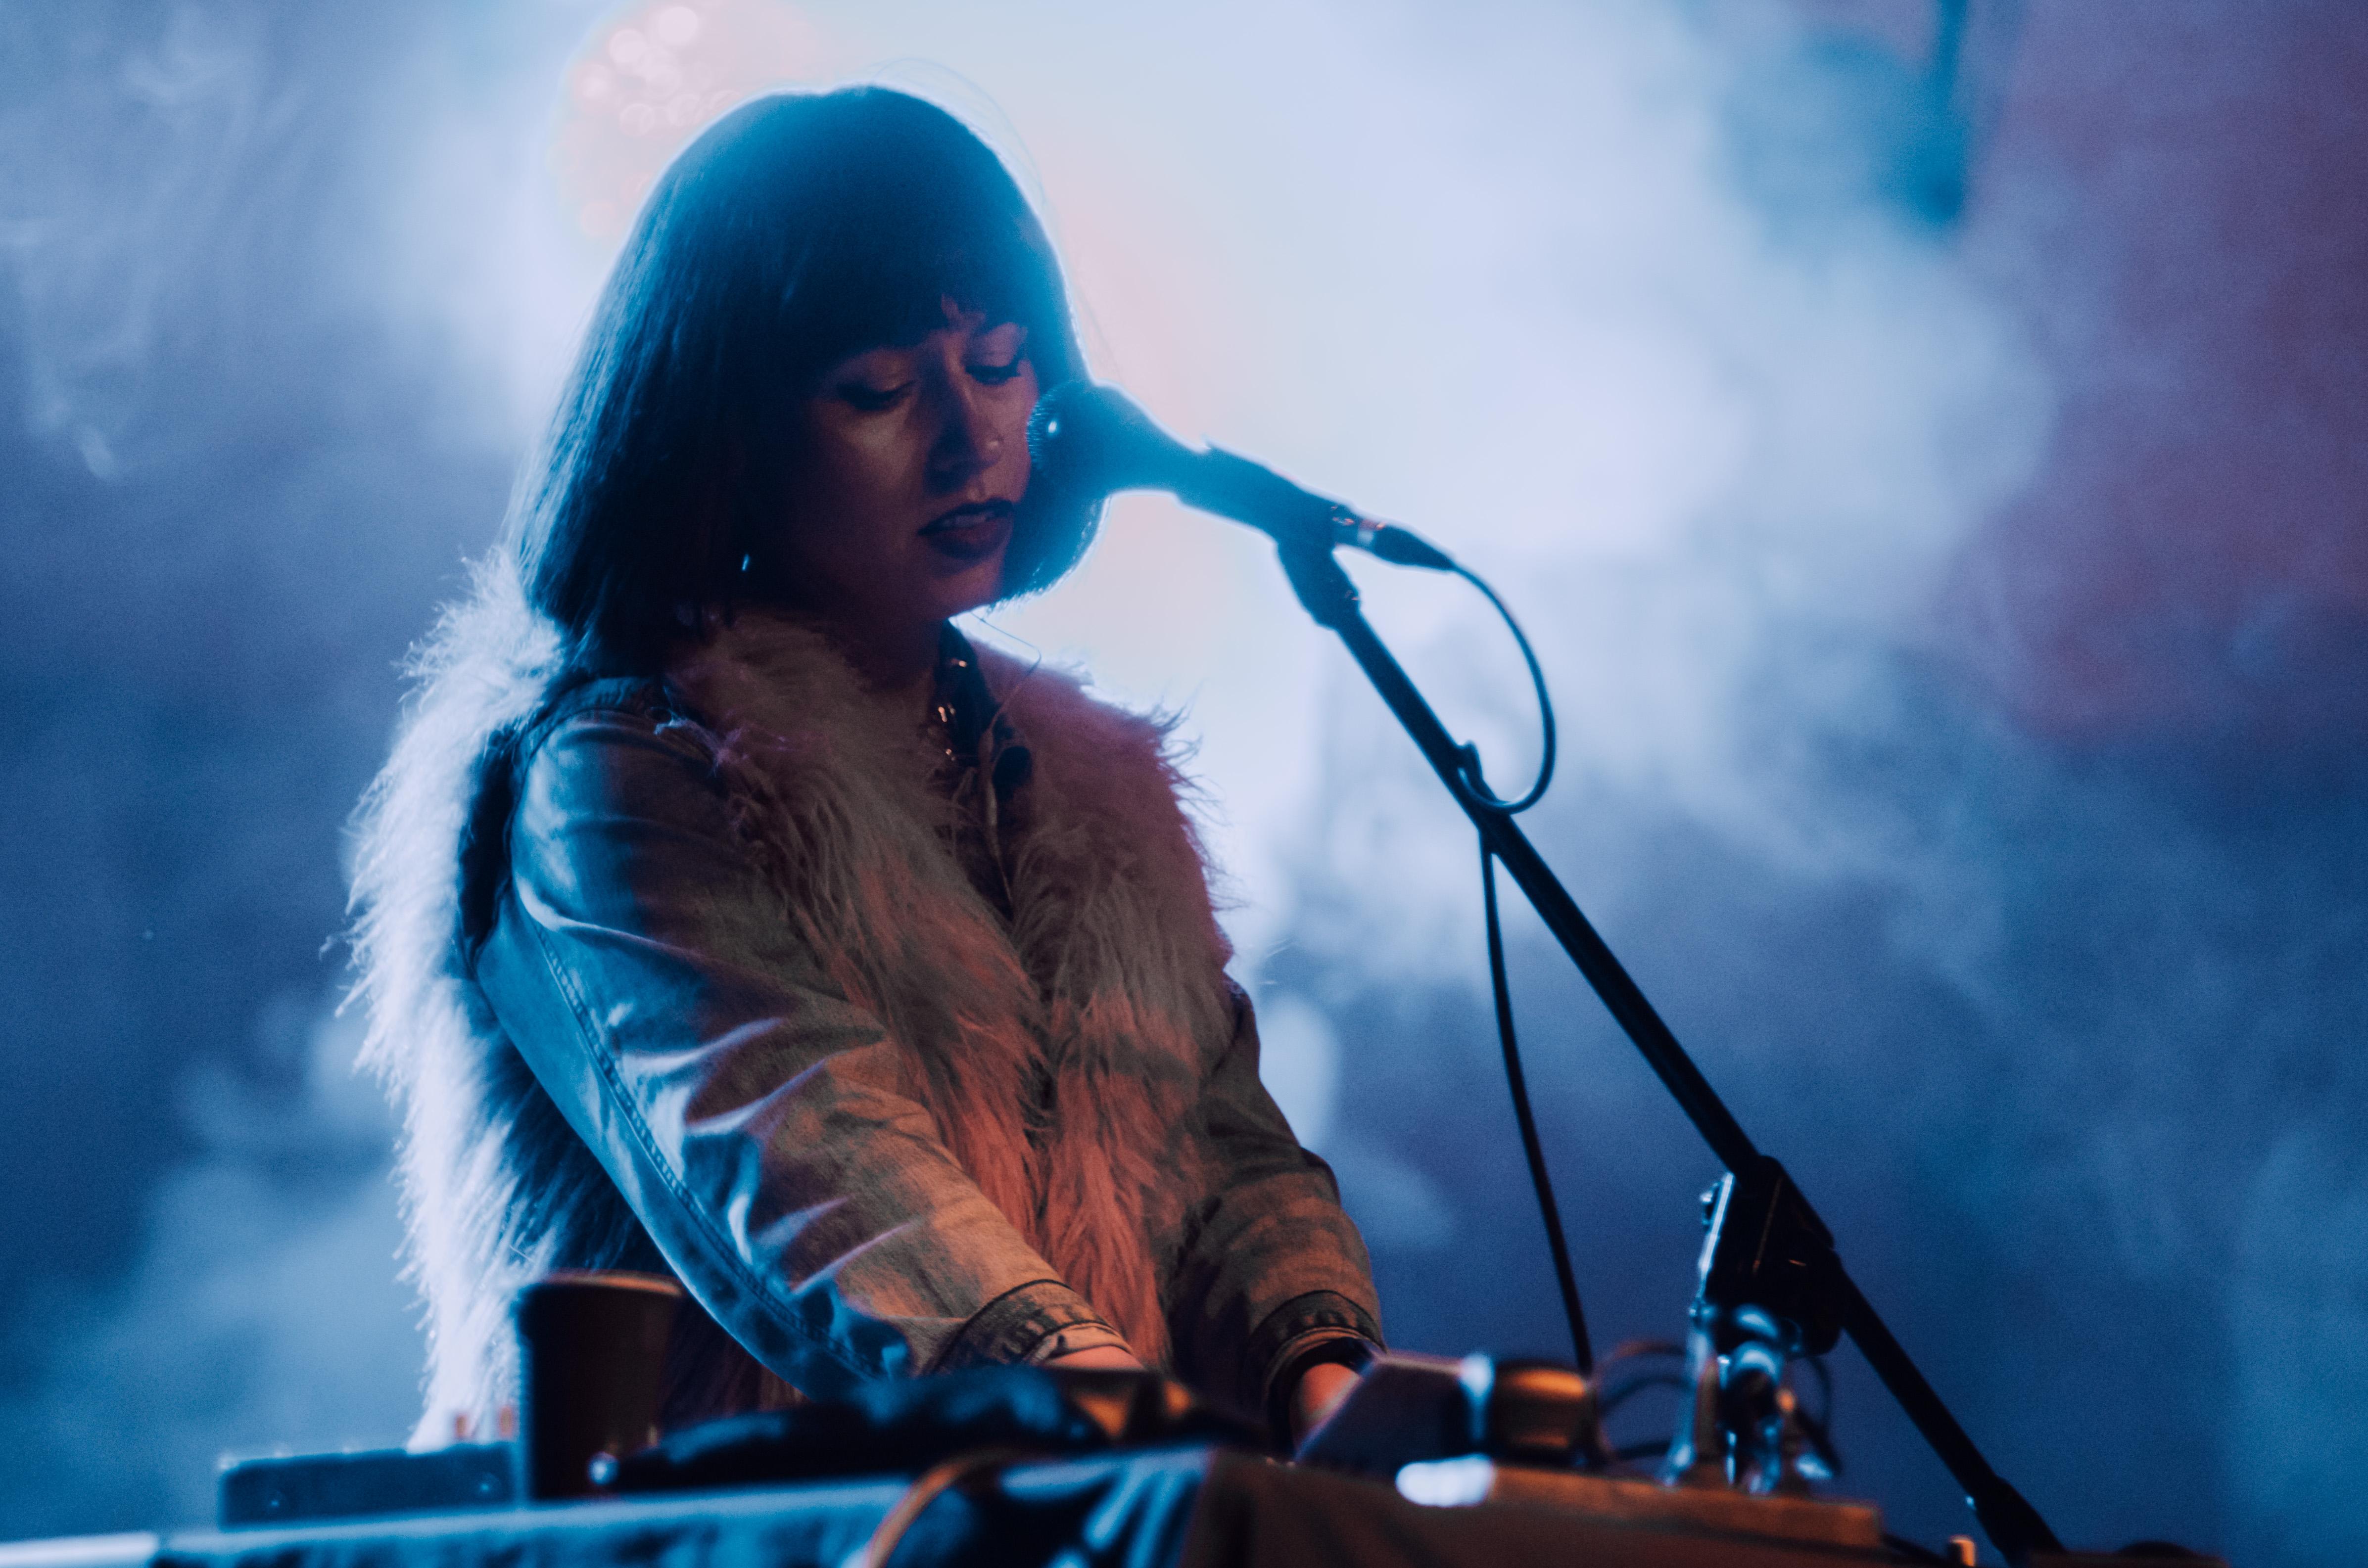 [Na scenie Natalia Kunitskaya. Koncert Mustelide. Kobieta wytwarza dźwięki na mikserze. Przed sobą ma mikrofon umieszczony na statywie. Oczy artystki są przymknięte, jej twarz jest pełna natchnienia.]